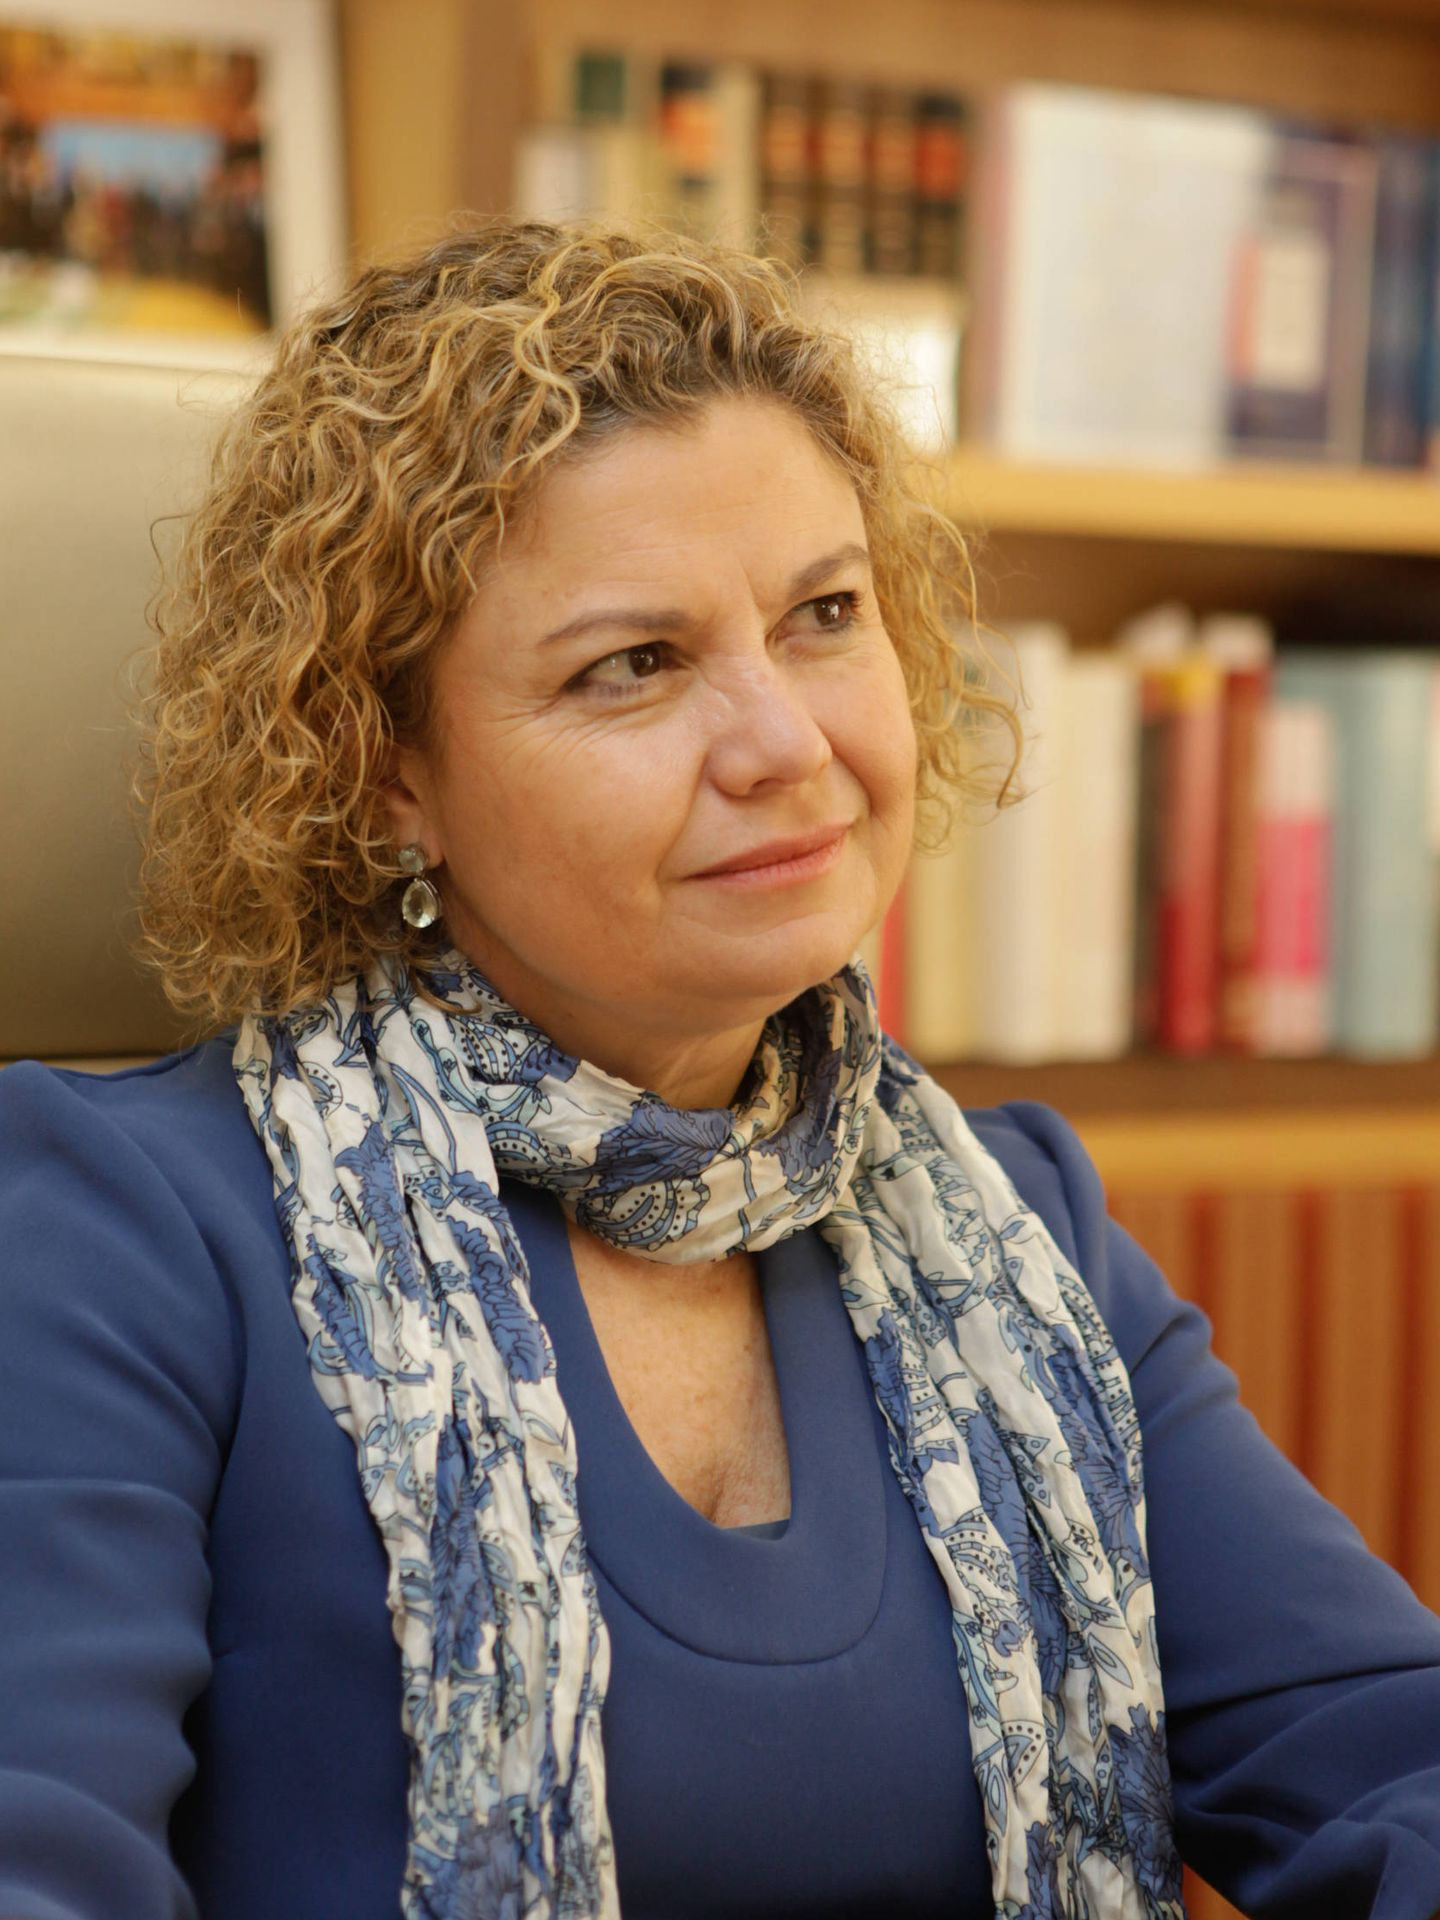 María Emilia Adán. (Nacho Ballesteros)